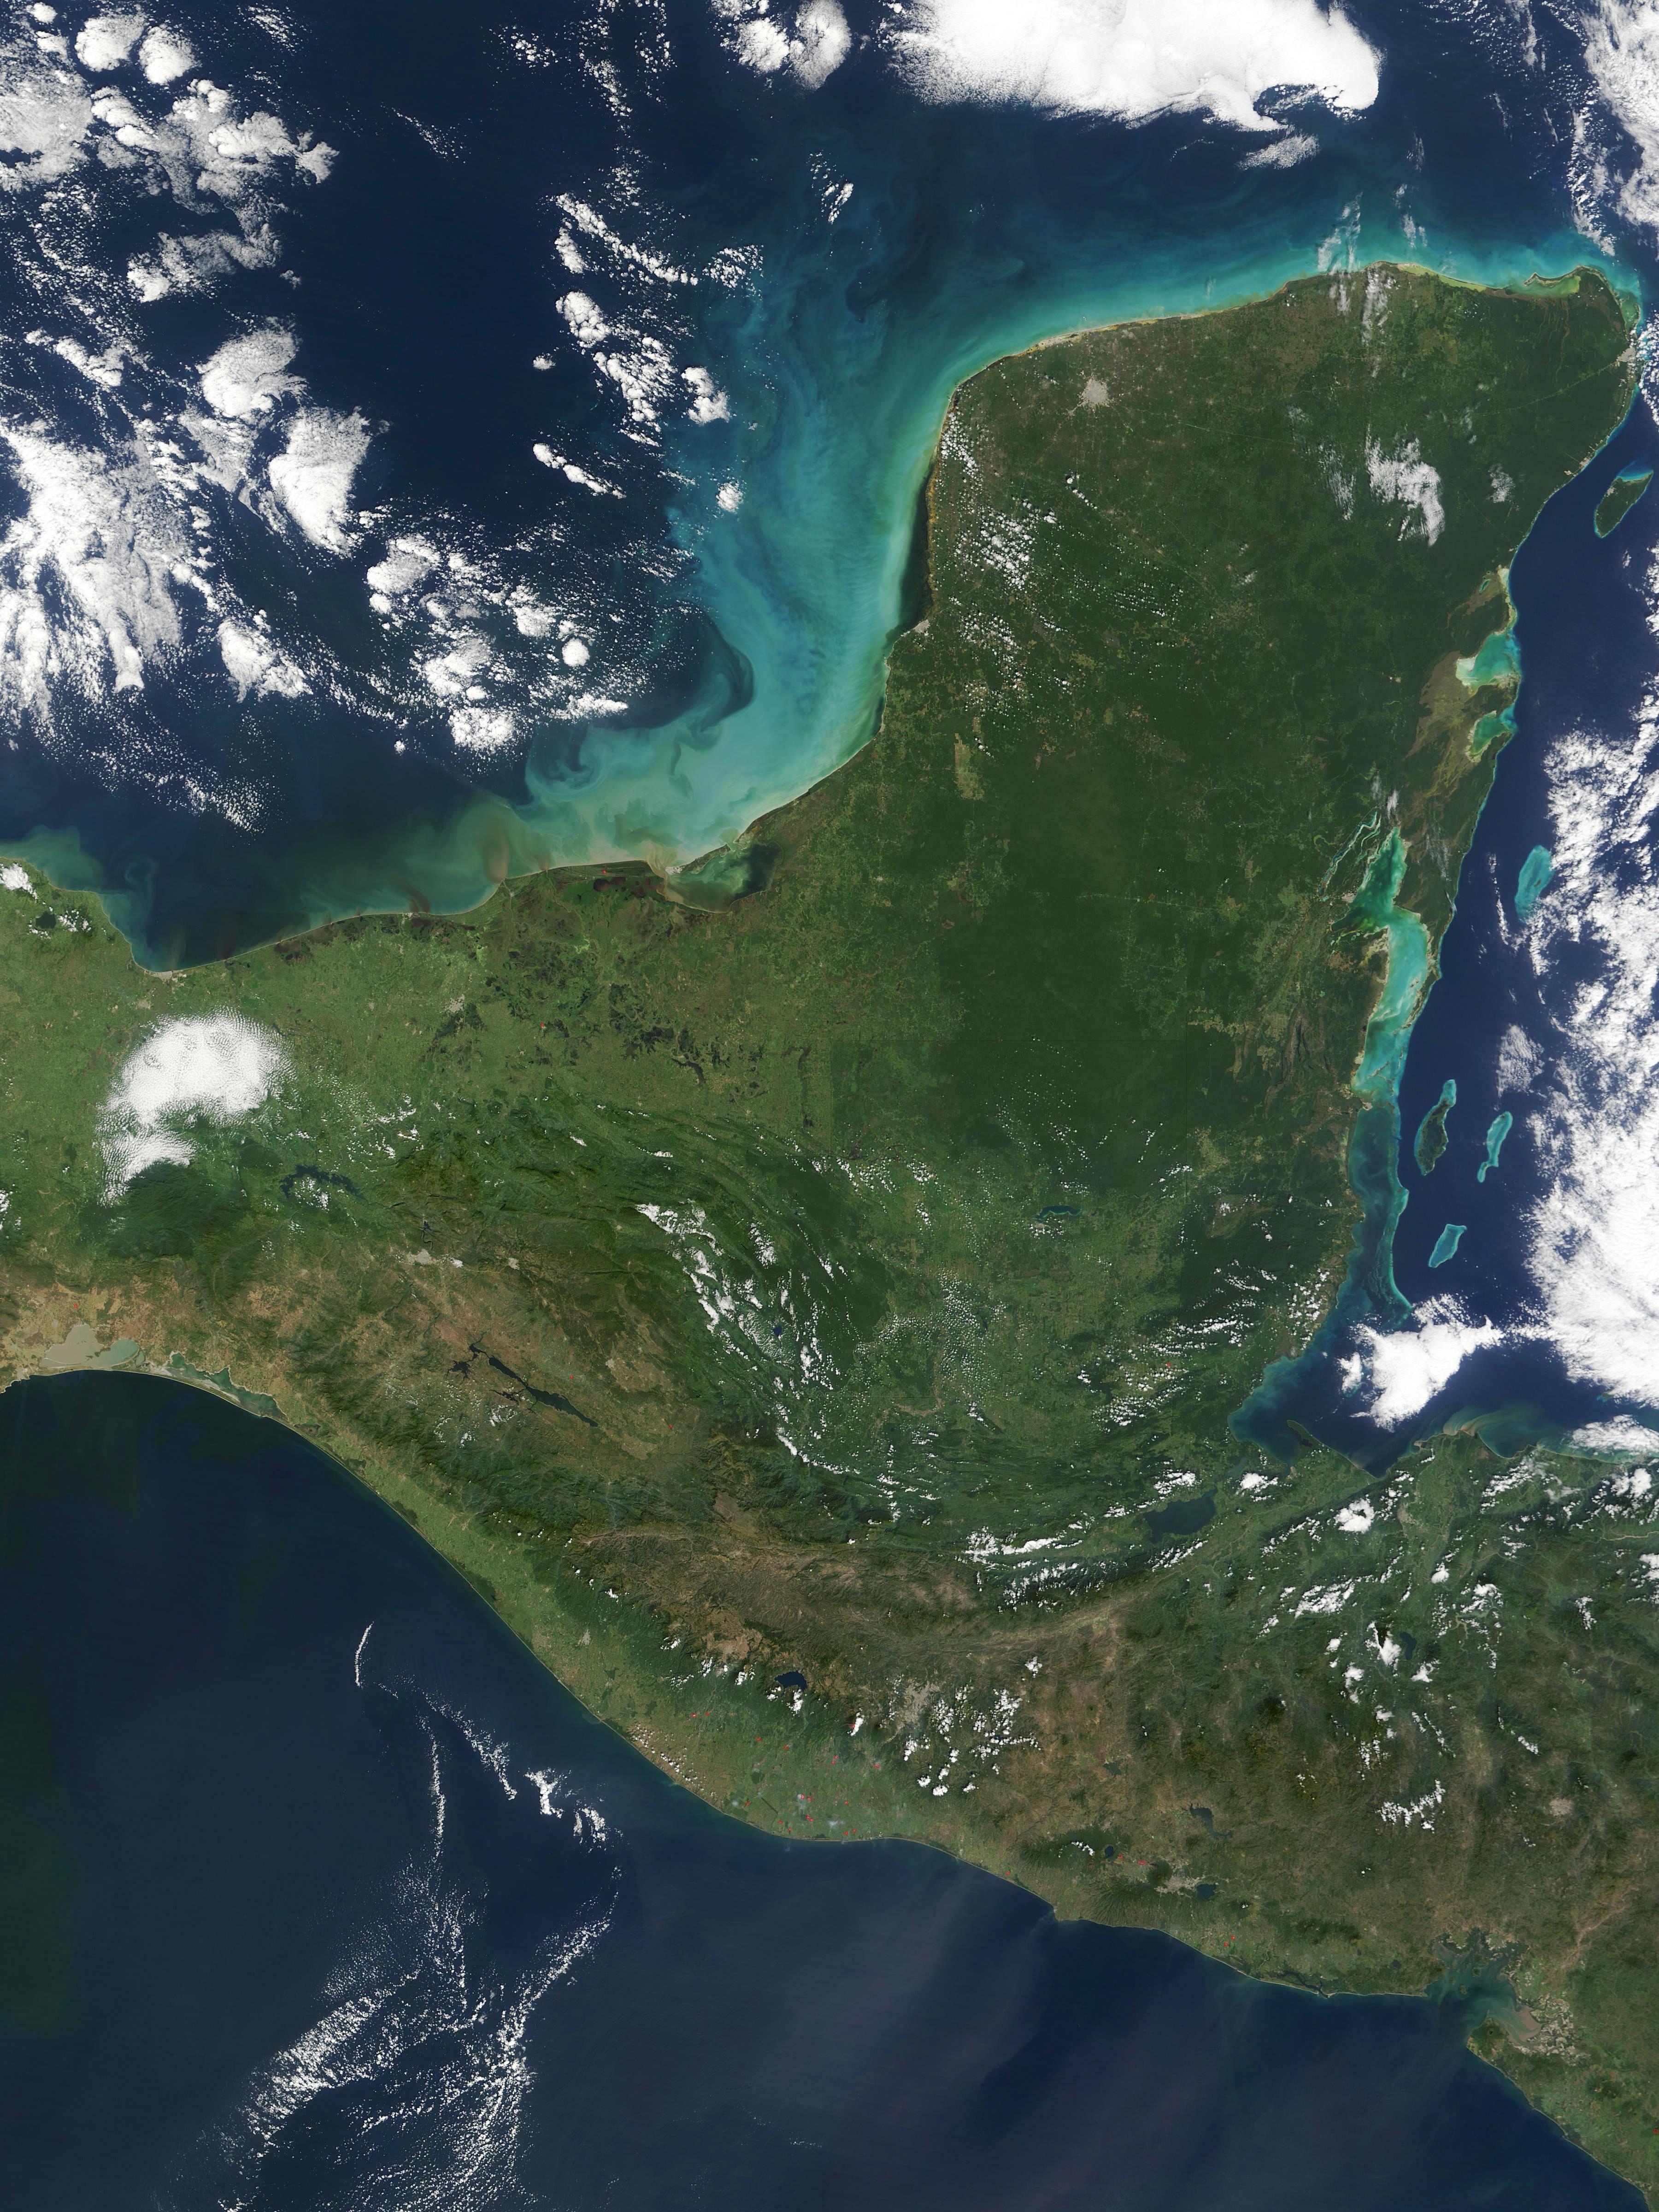 Image:Yucatan peninsula